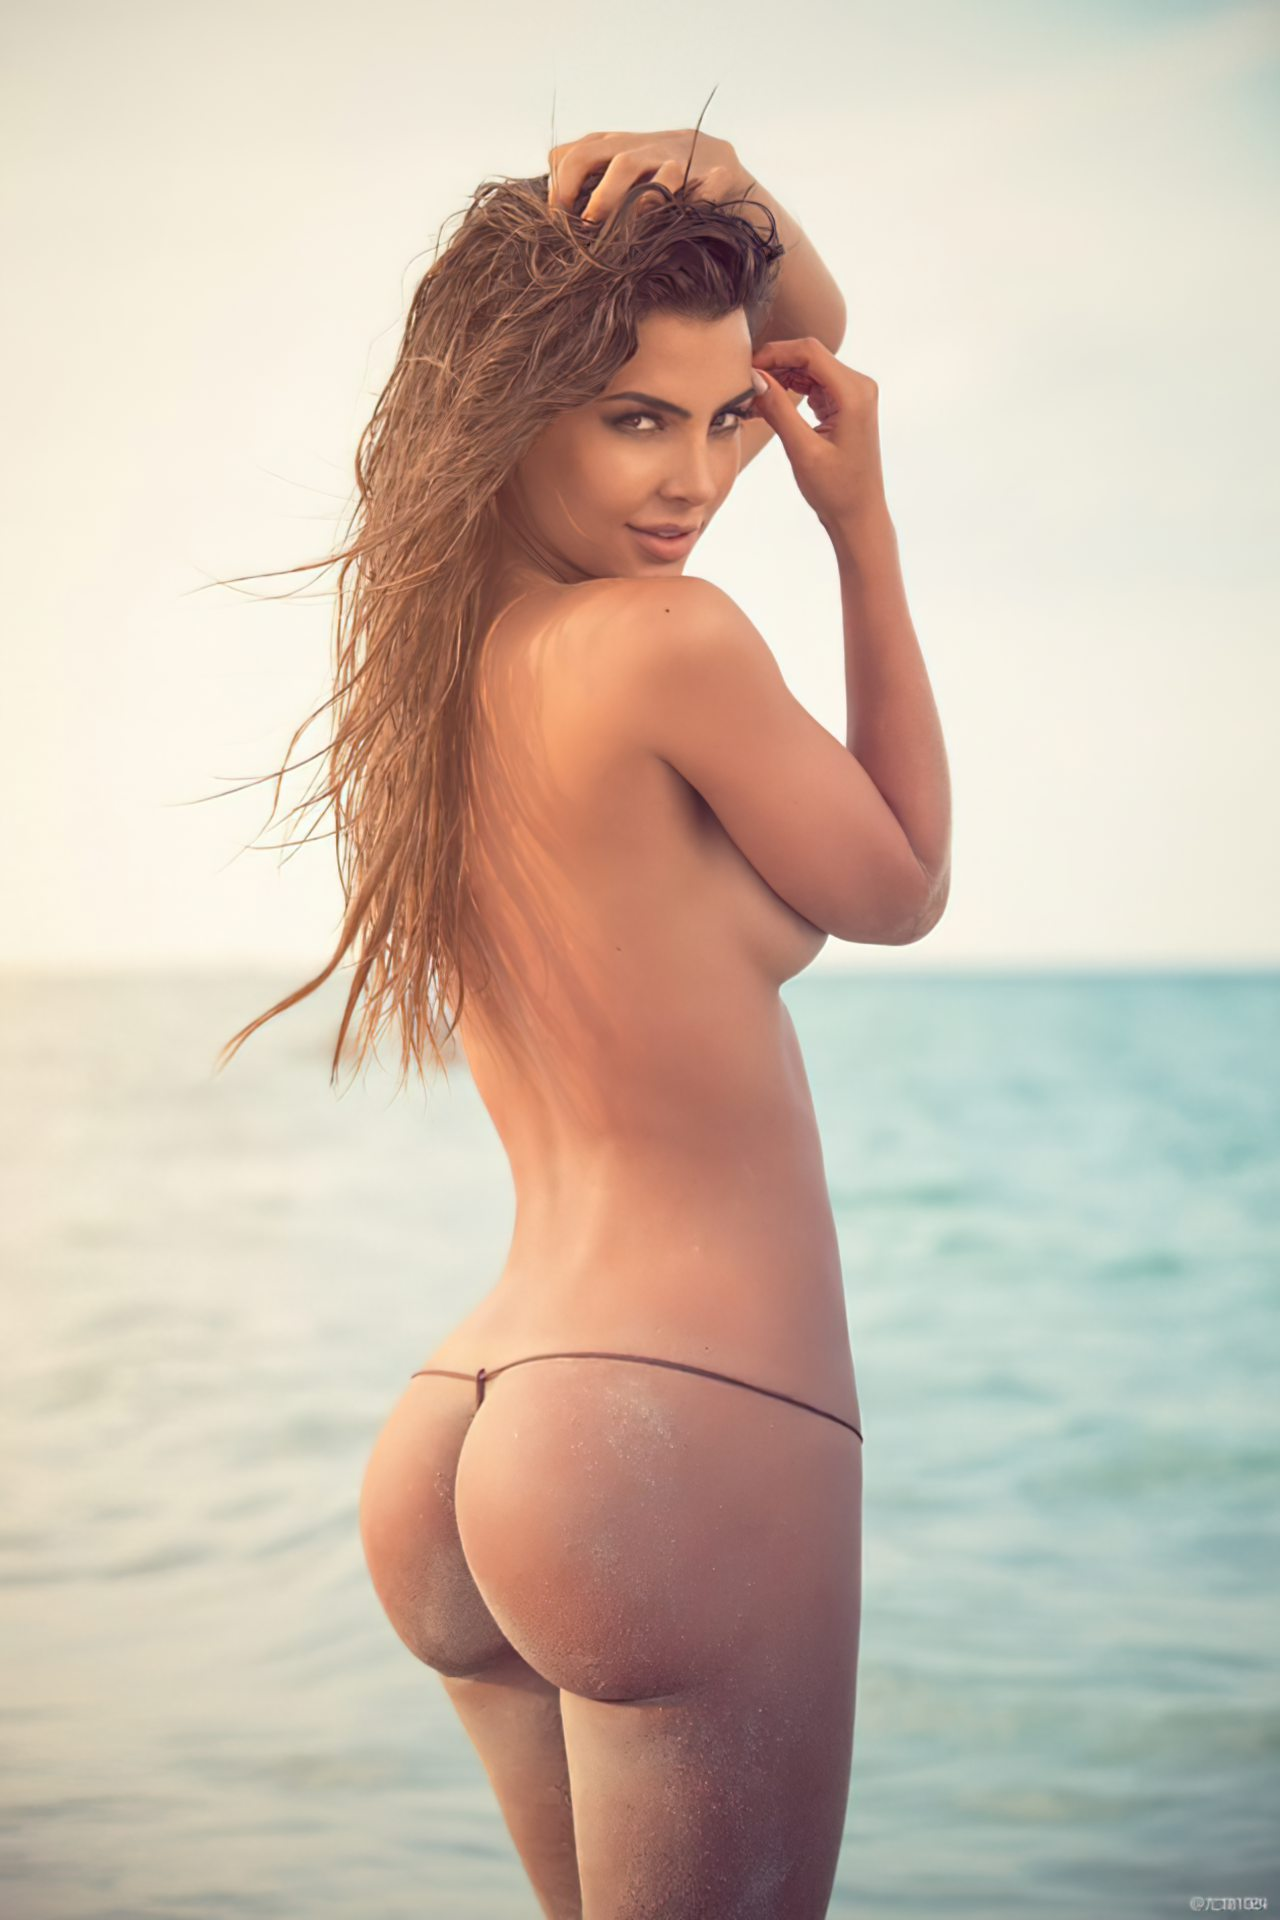 Natalie Velez